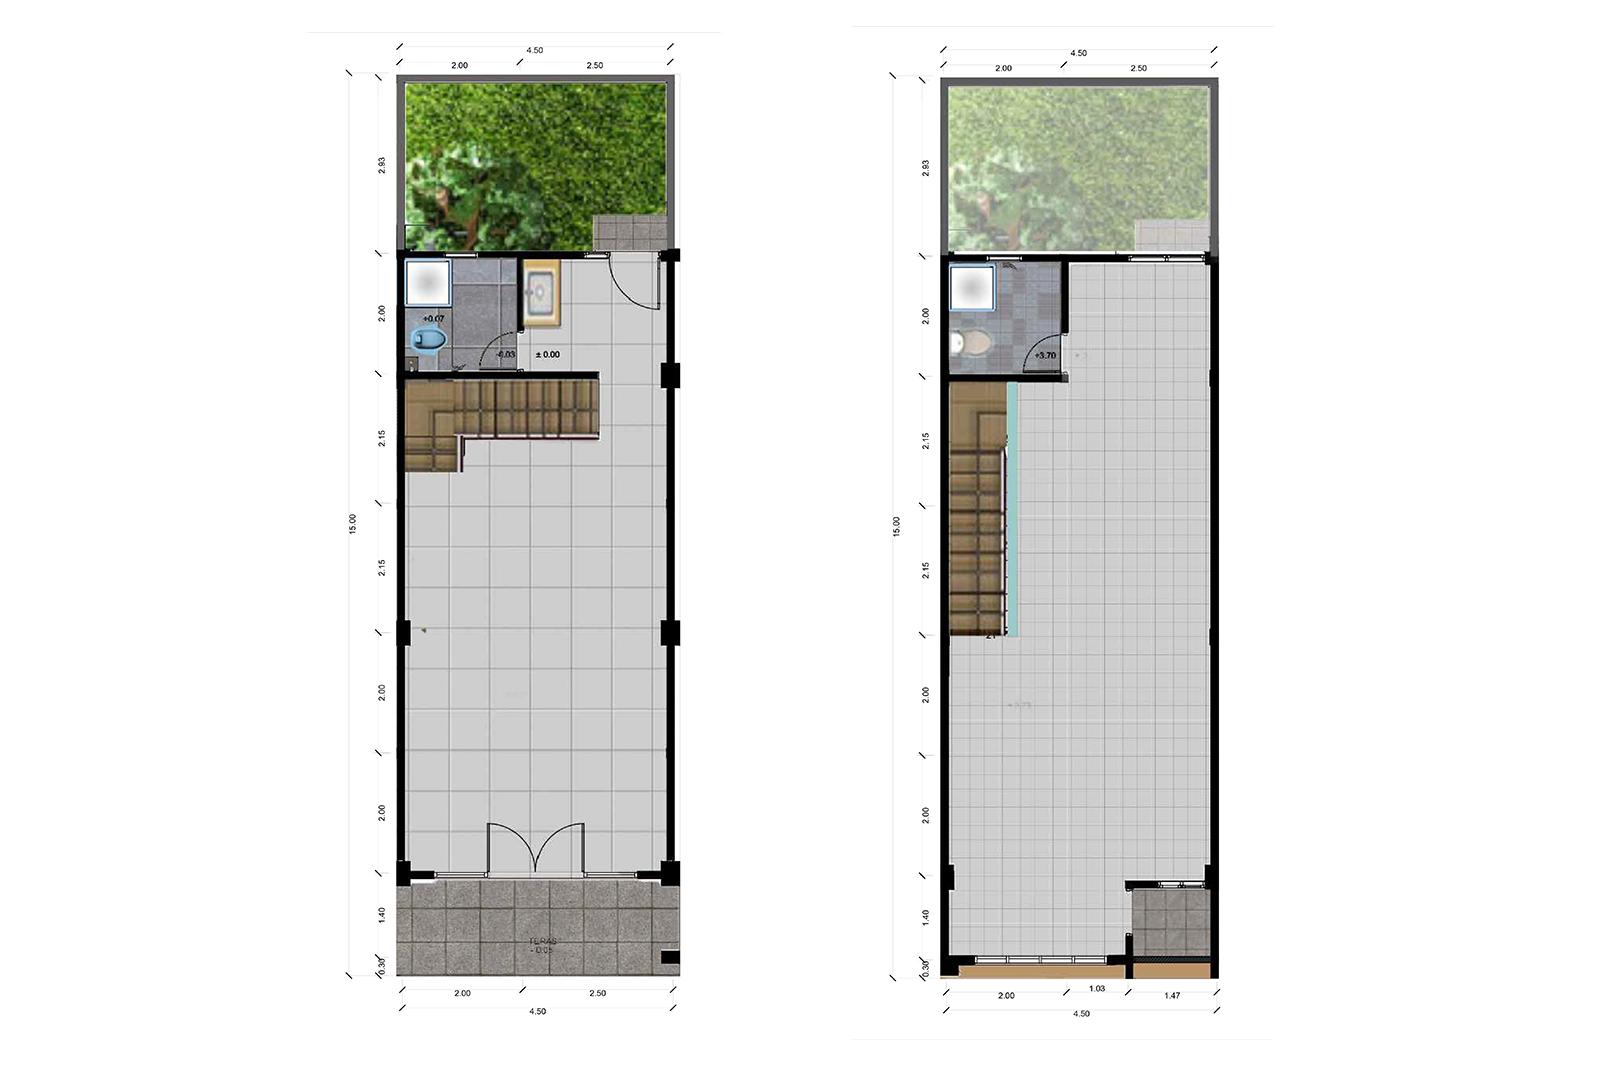 Bumi Indah City Ruko Tipe Union Floorplan